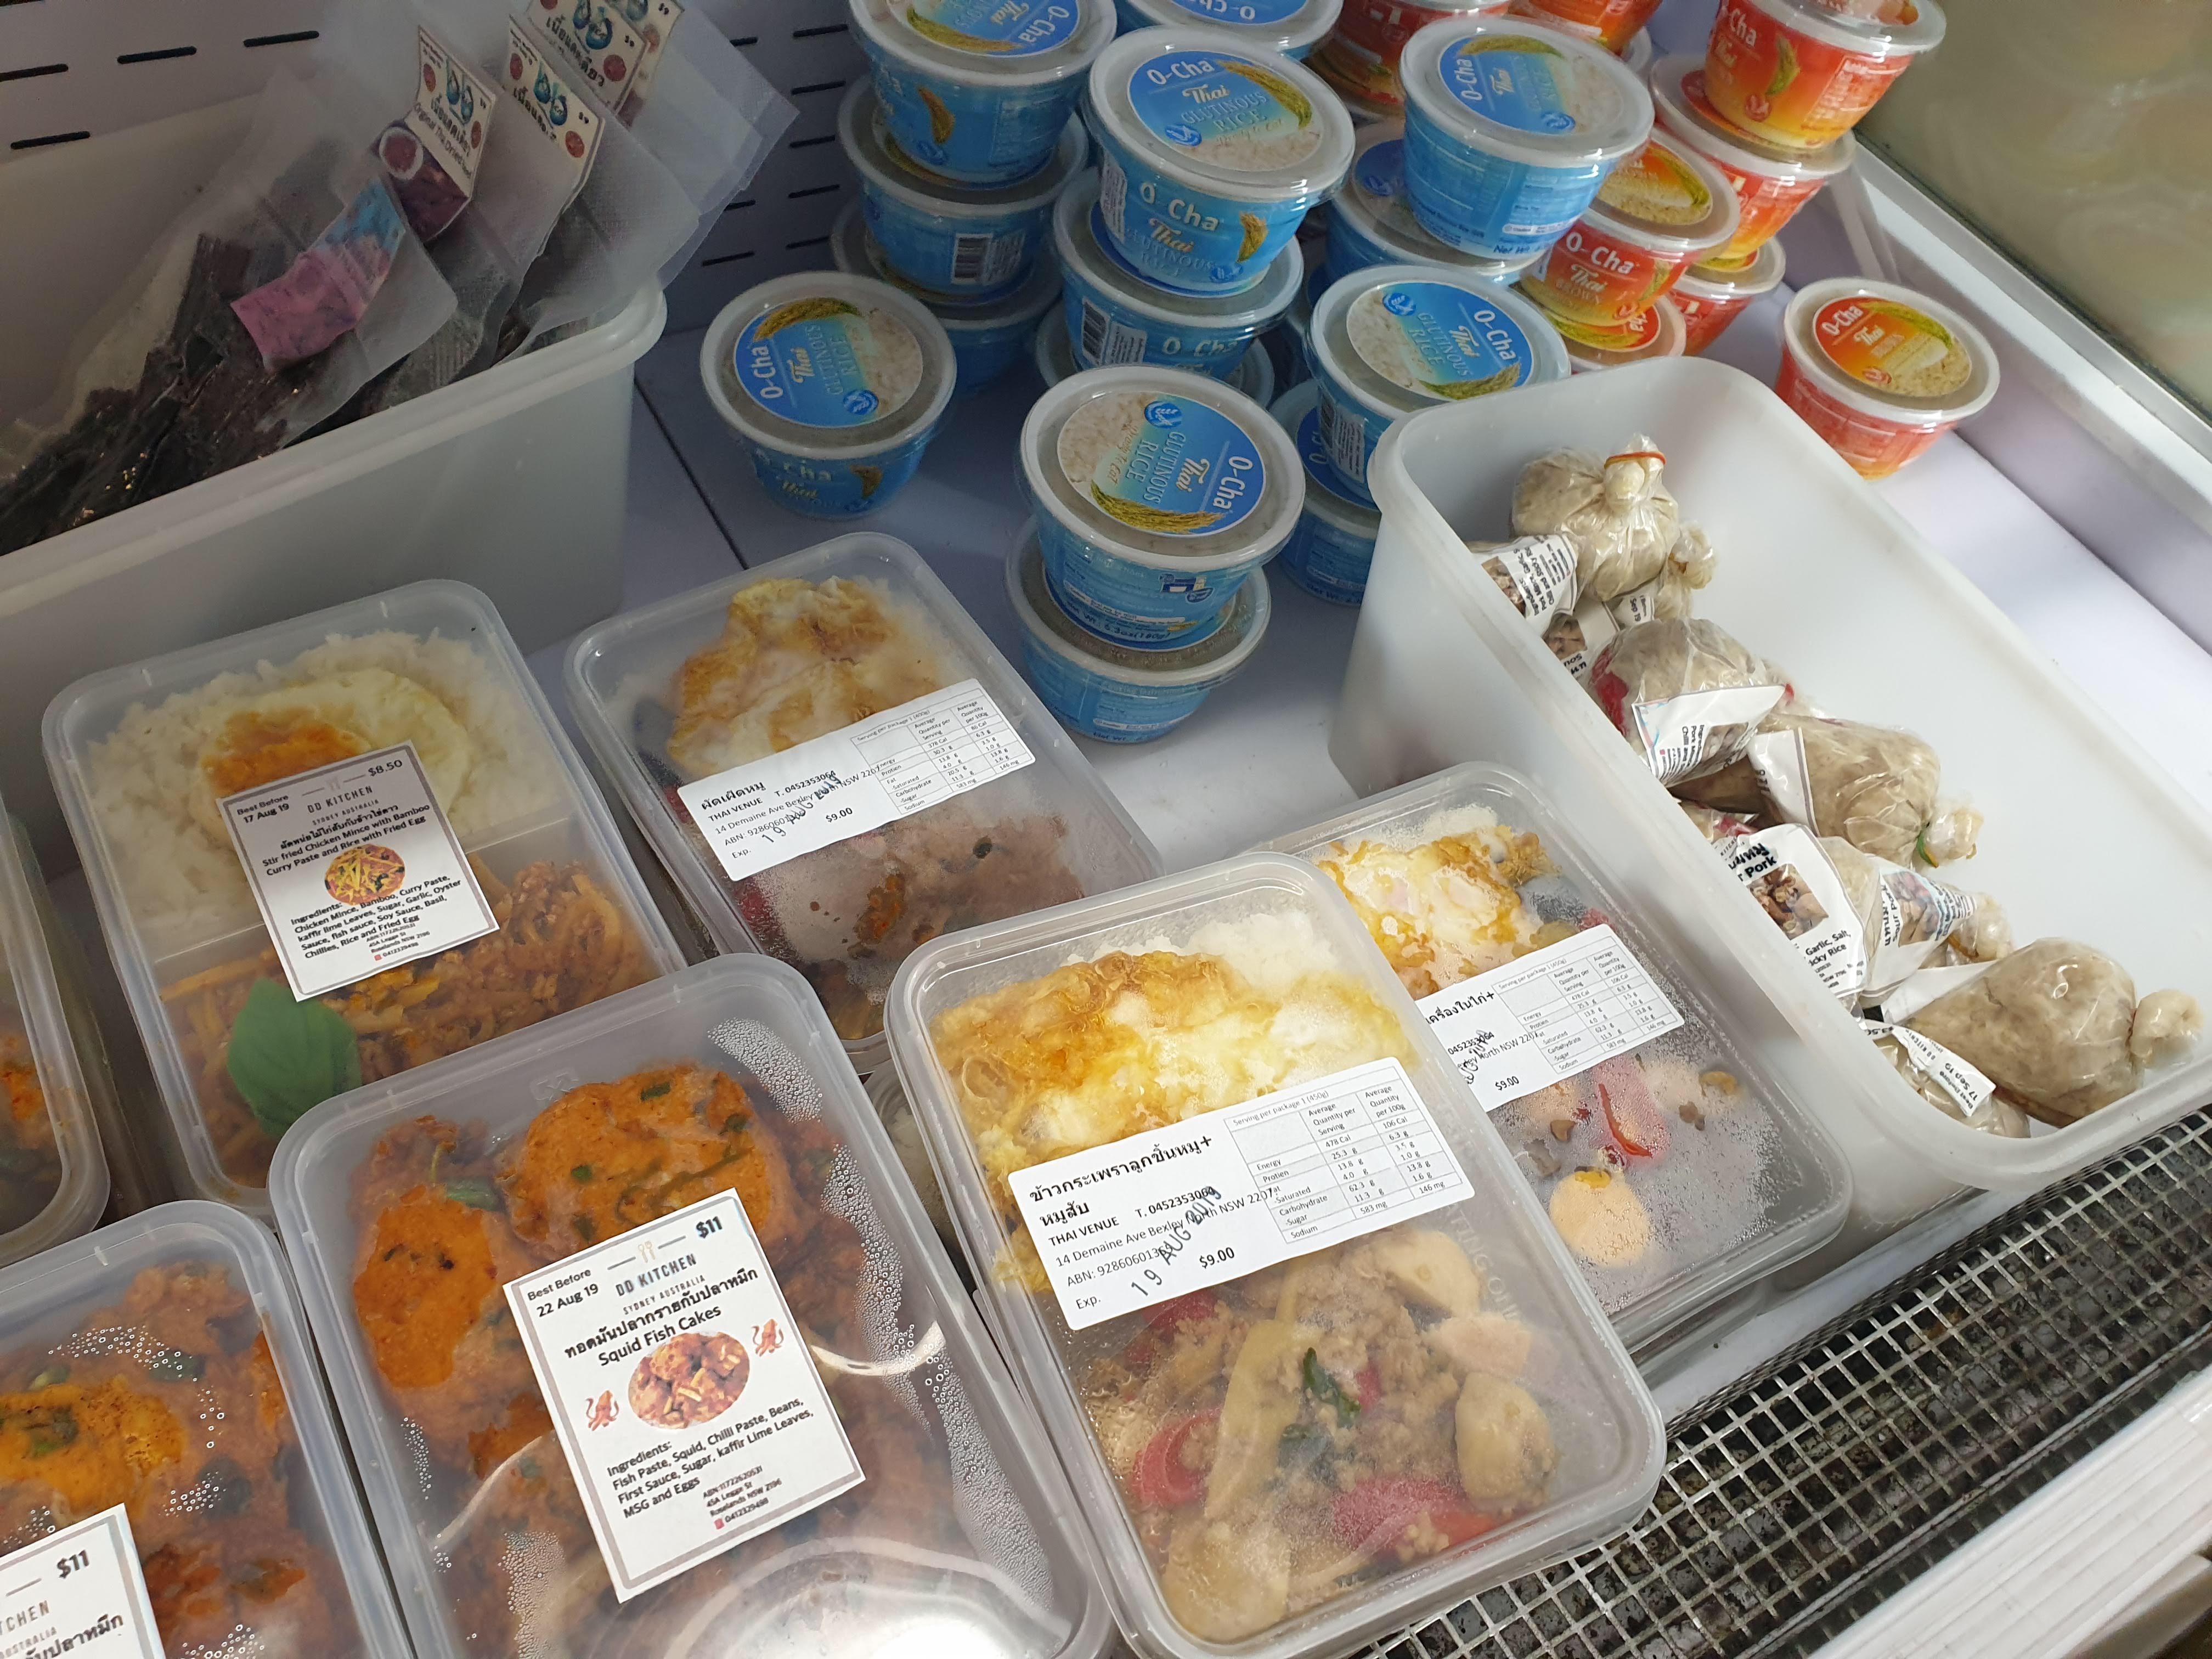 タイタウンにある Siam Central という食料品店が面白い!